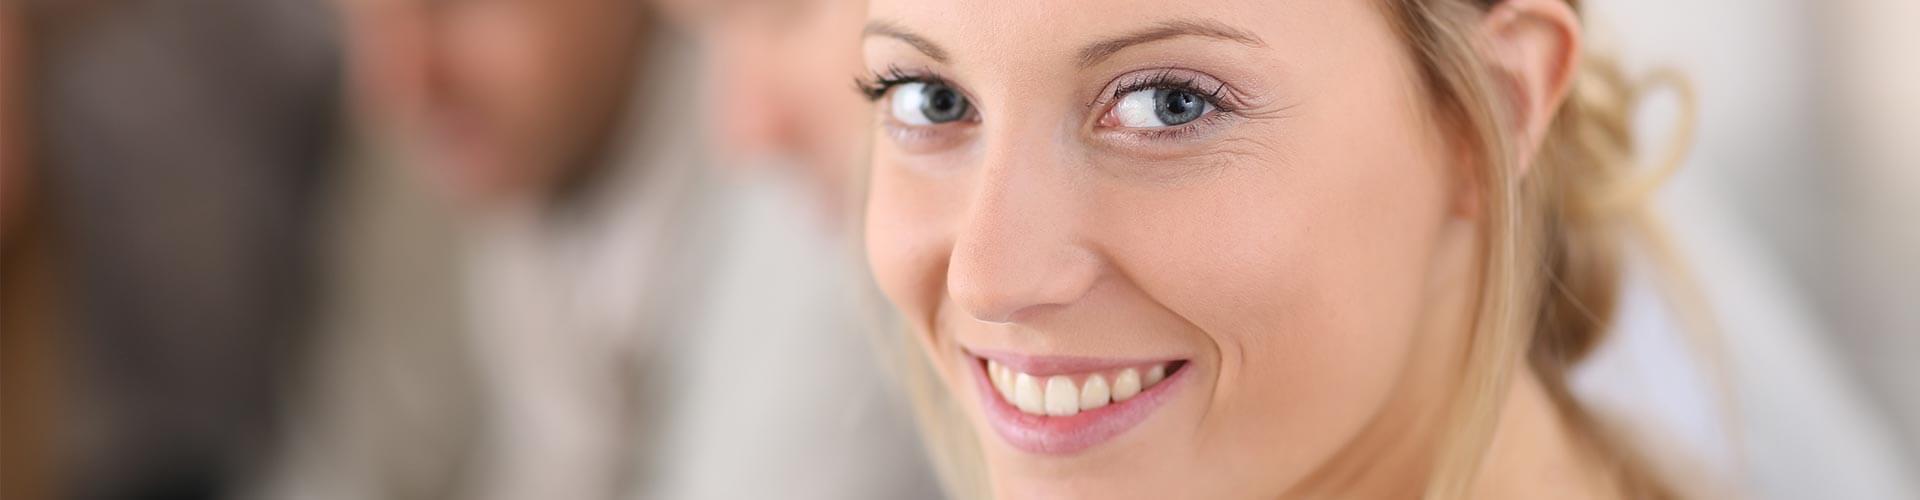 Zahnersatz und Zahnerhalt